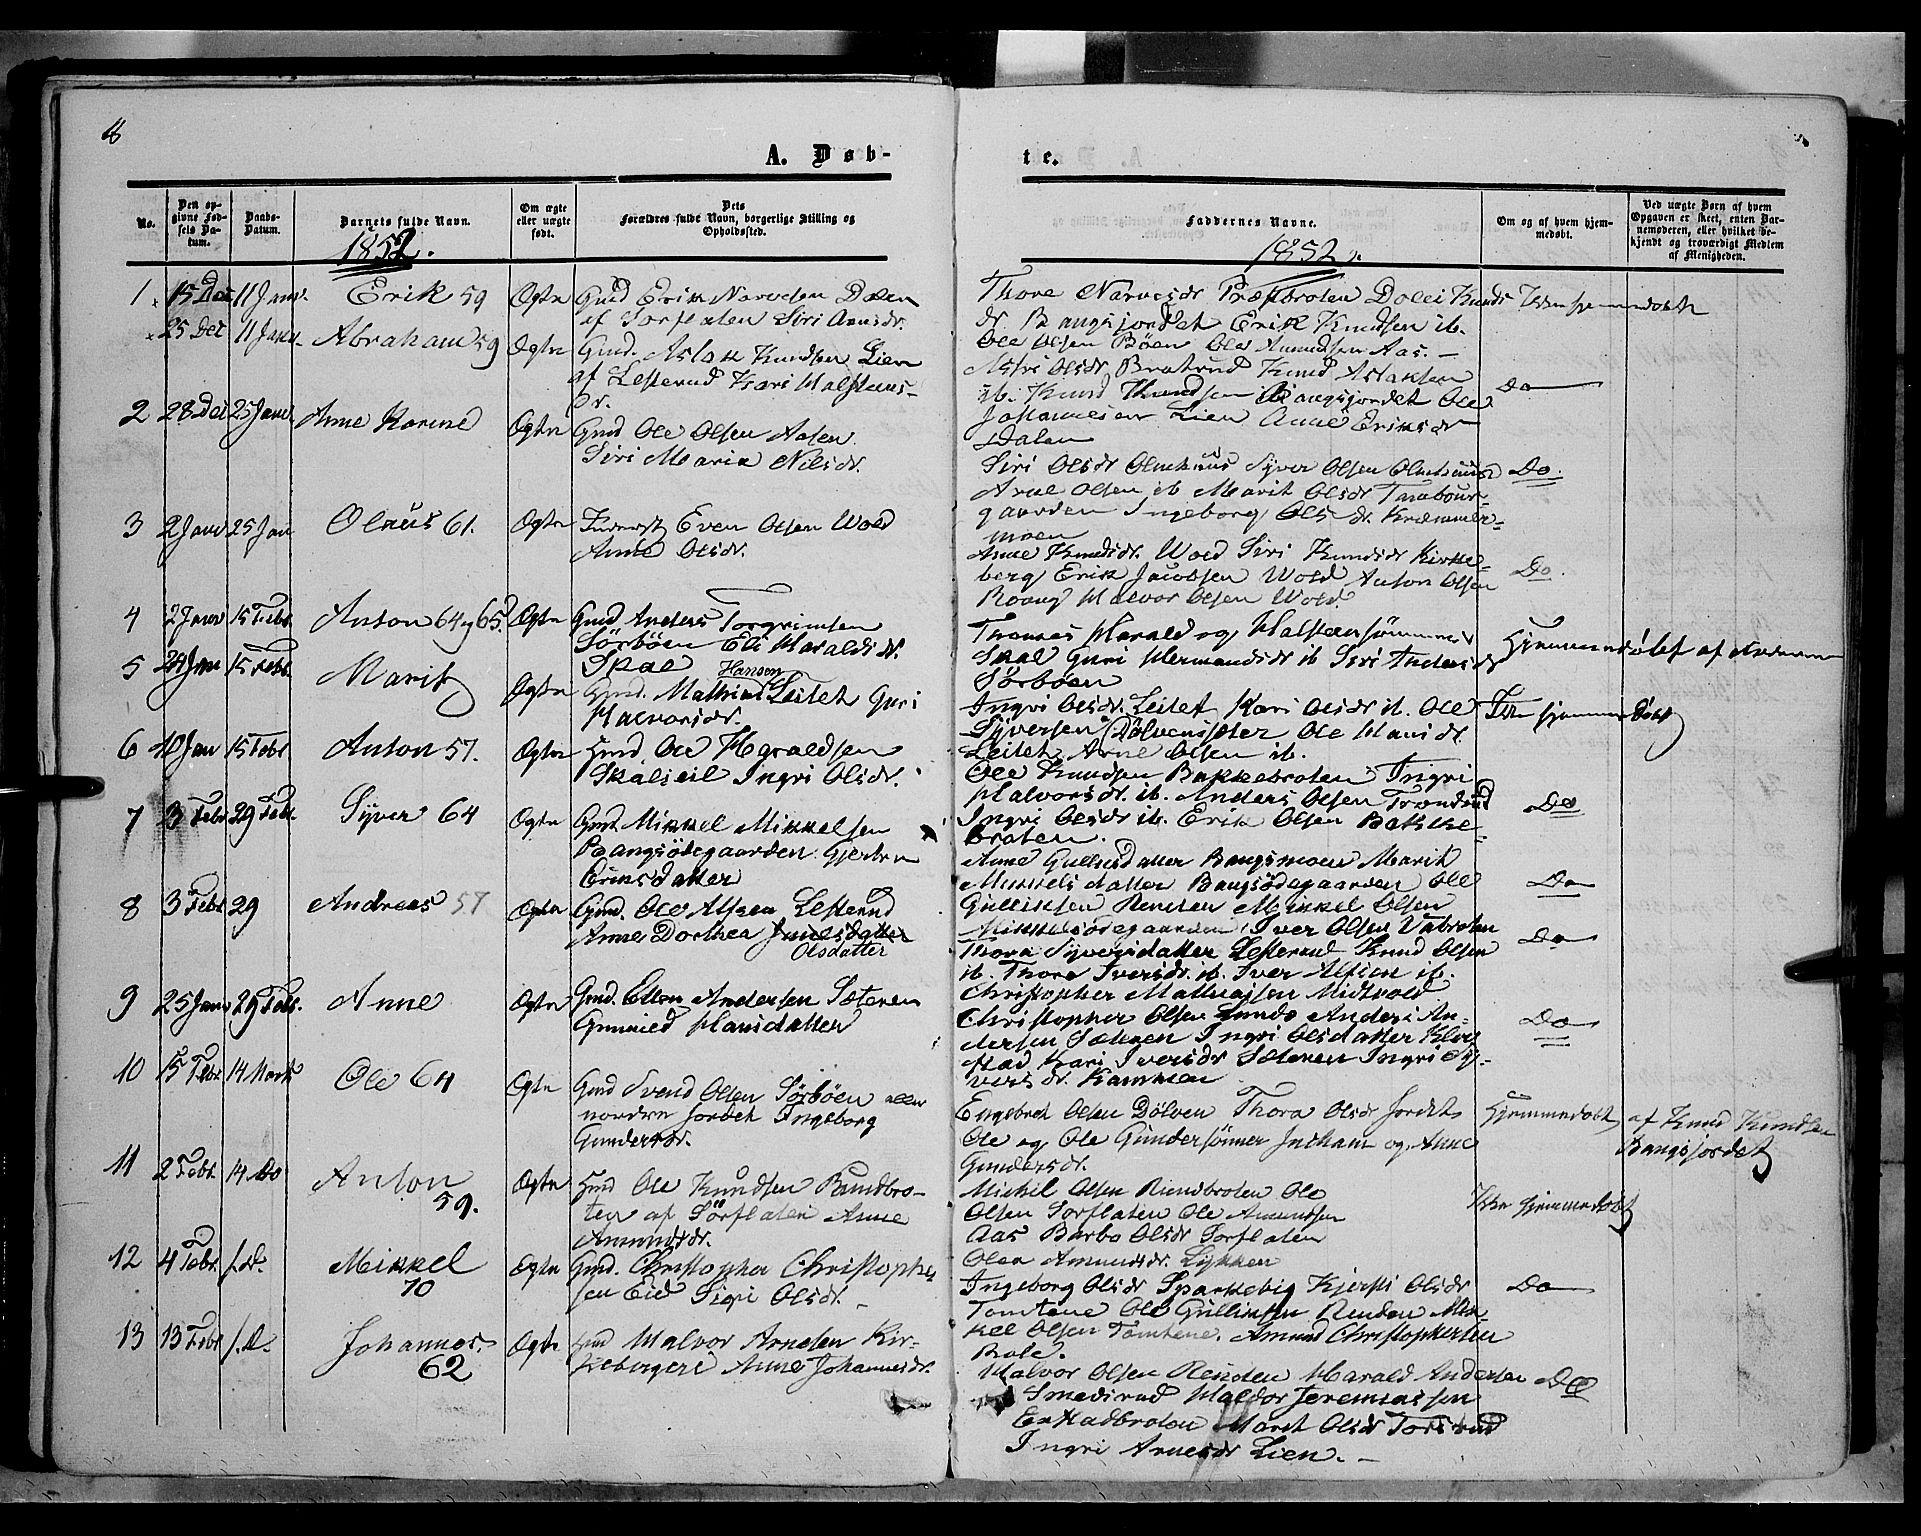 SAH, Sør-Aurdal prestekontor, Ministerialbok nr. 5, 1849-1876, s. 8